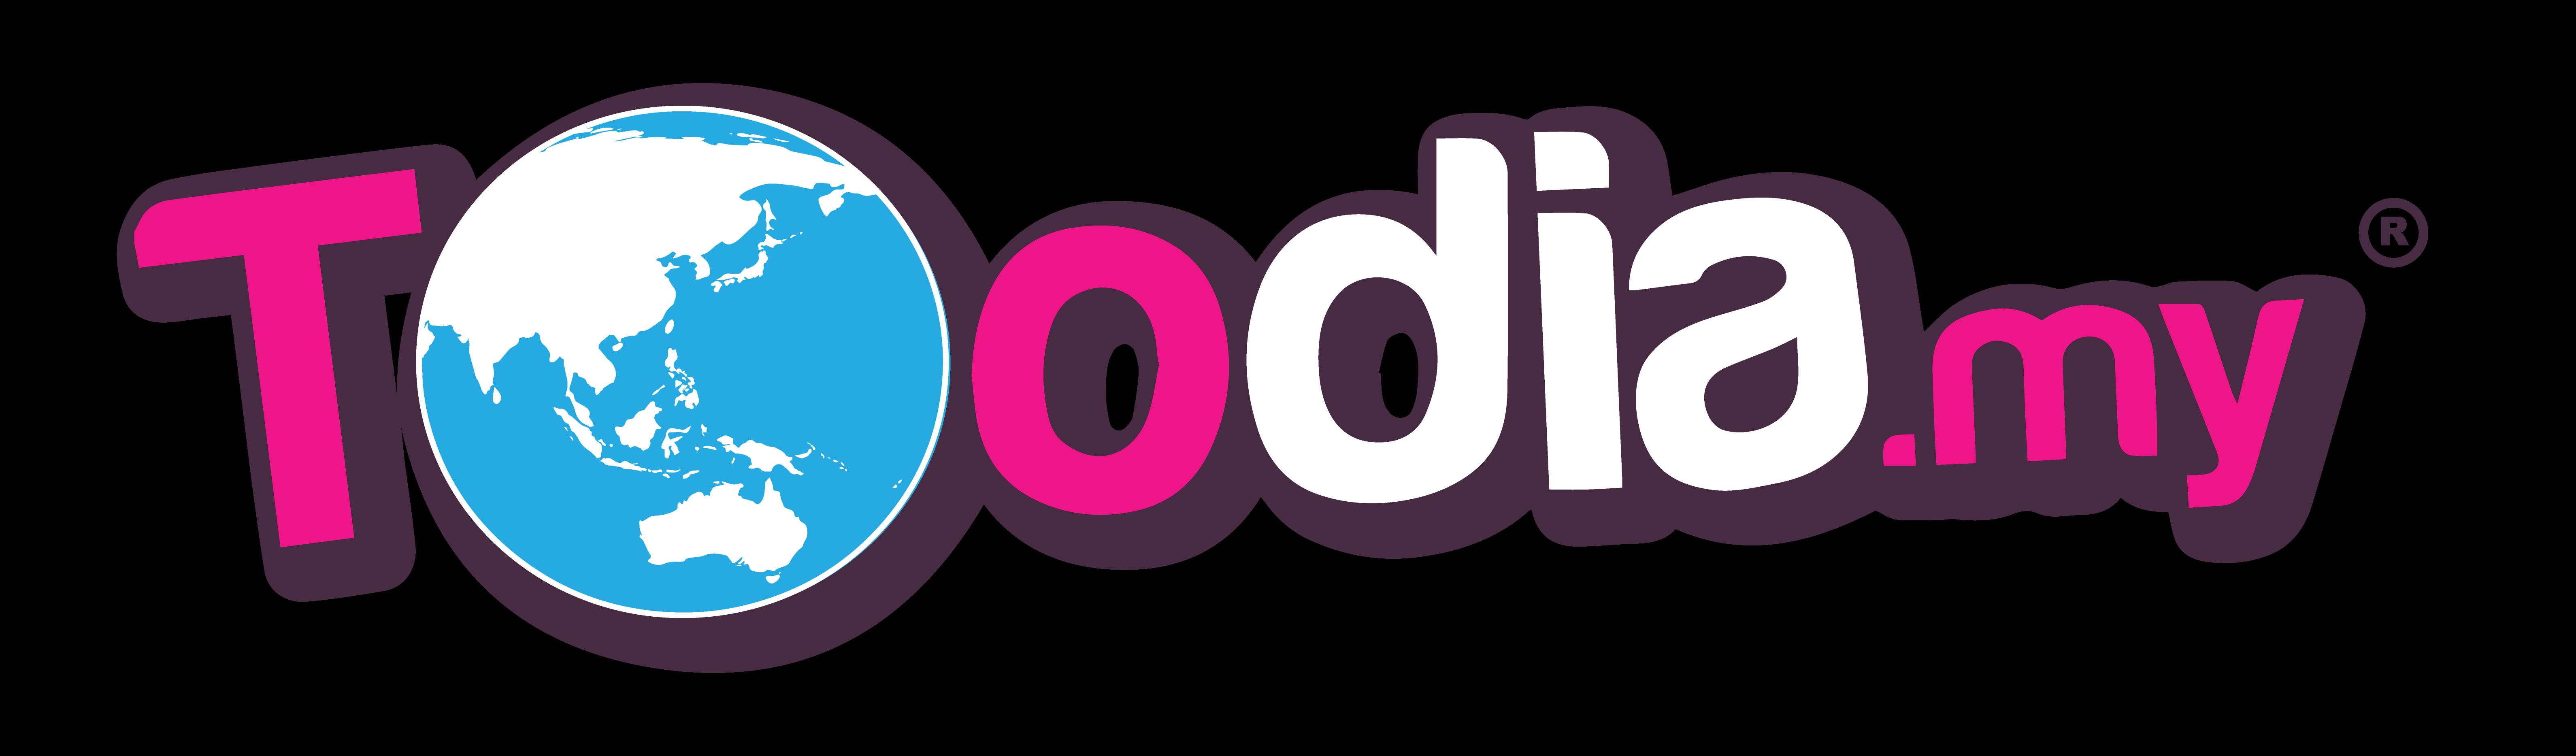 #toodiadotmy